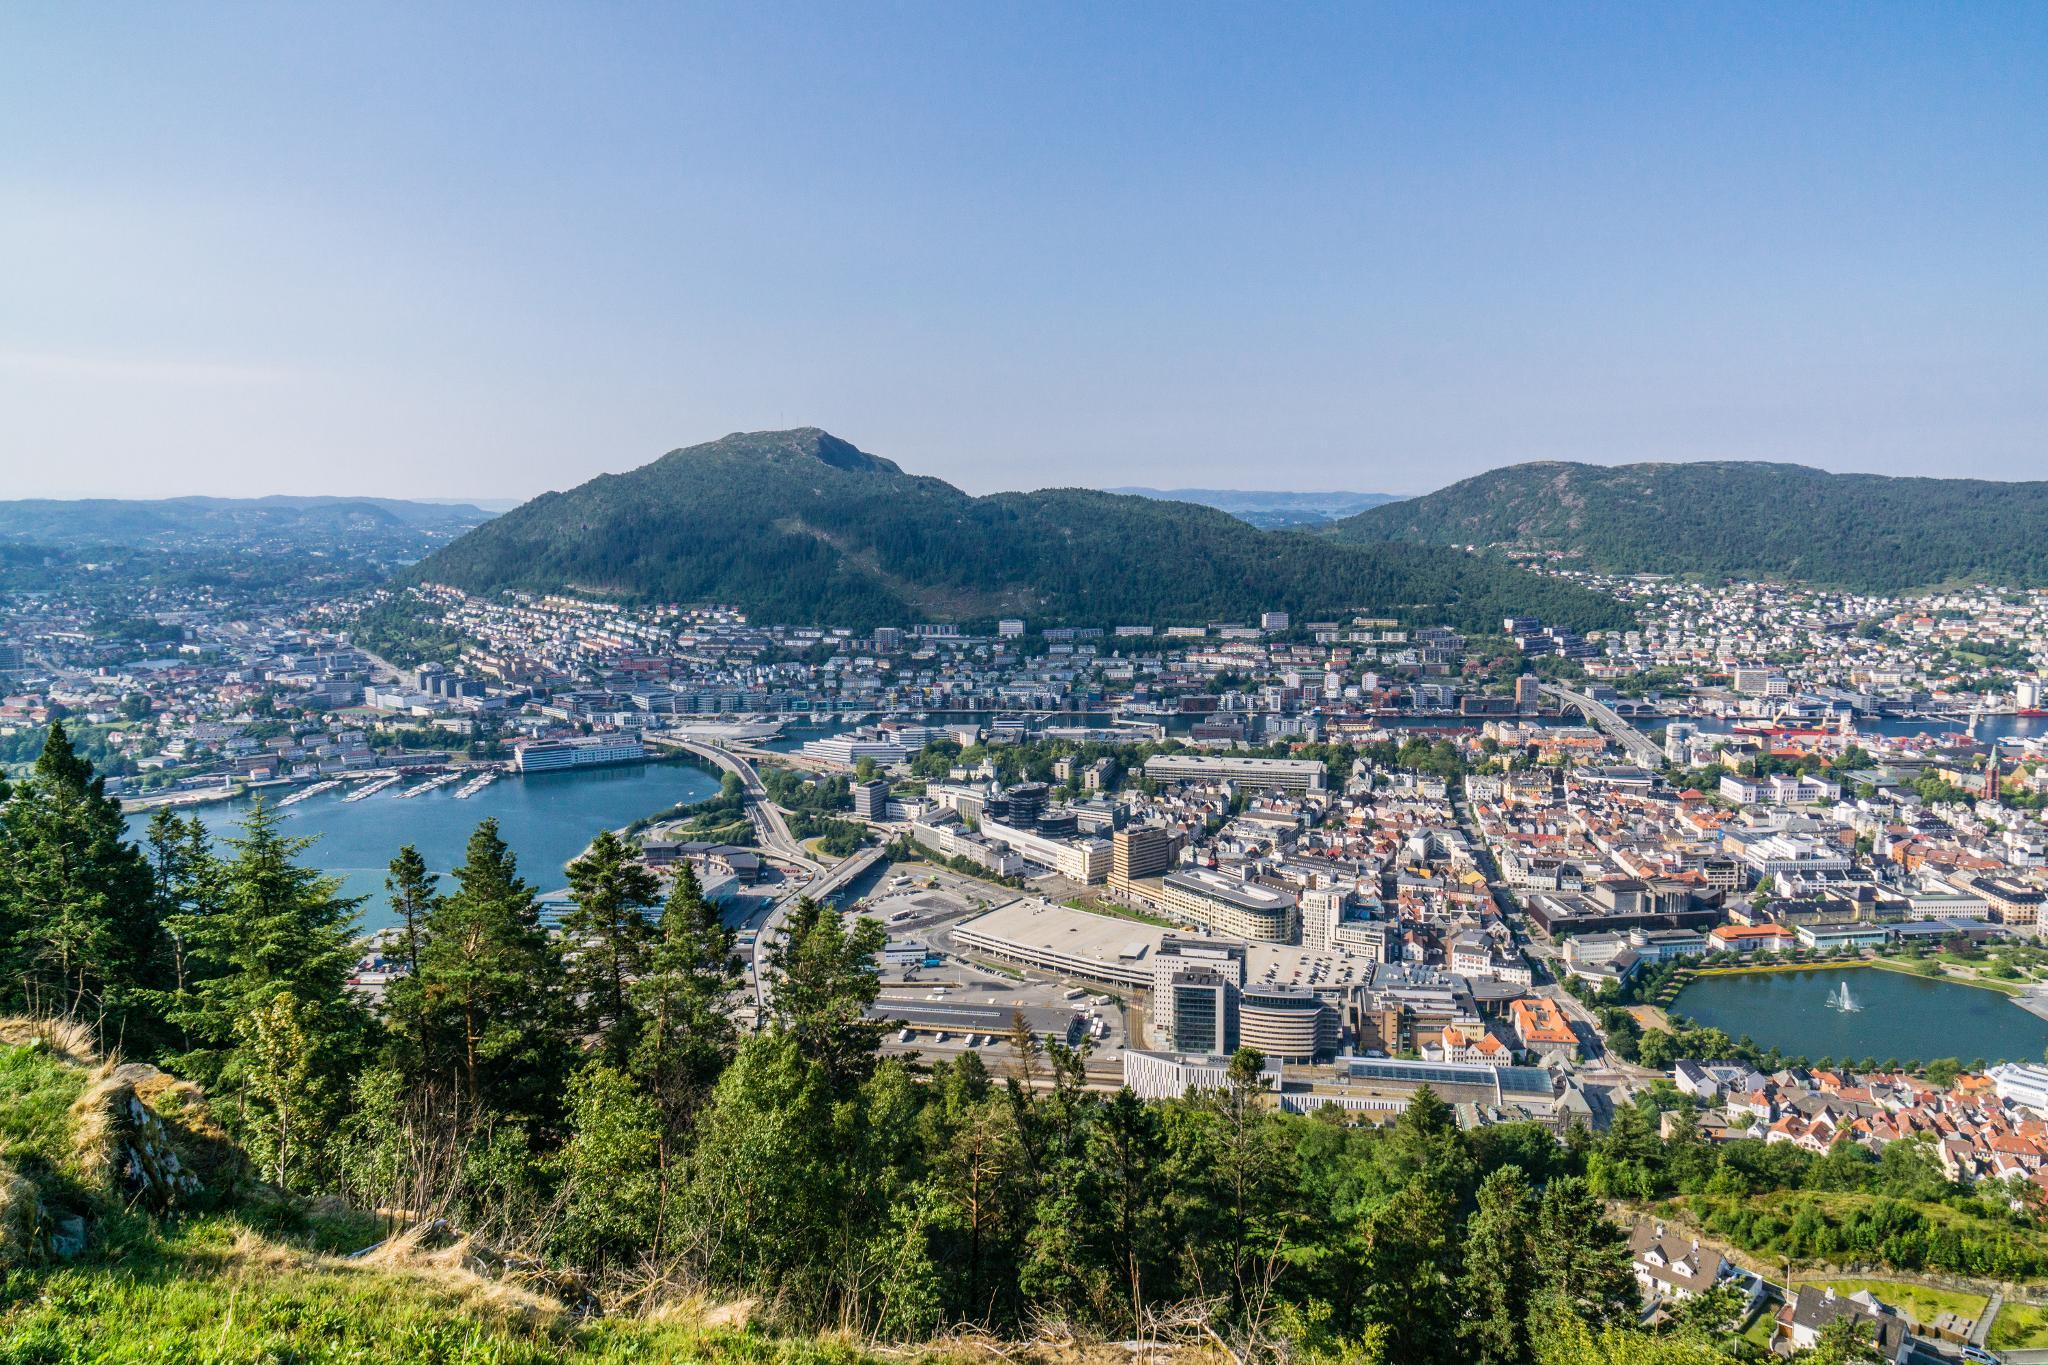 【卑爾根】超級震撼的隱藏版挪威景點 — Stoltzekleiven桑德維克斯石梯與Fløyen佛洛伊恩觀景台大縱走 29